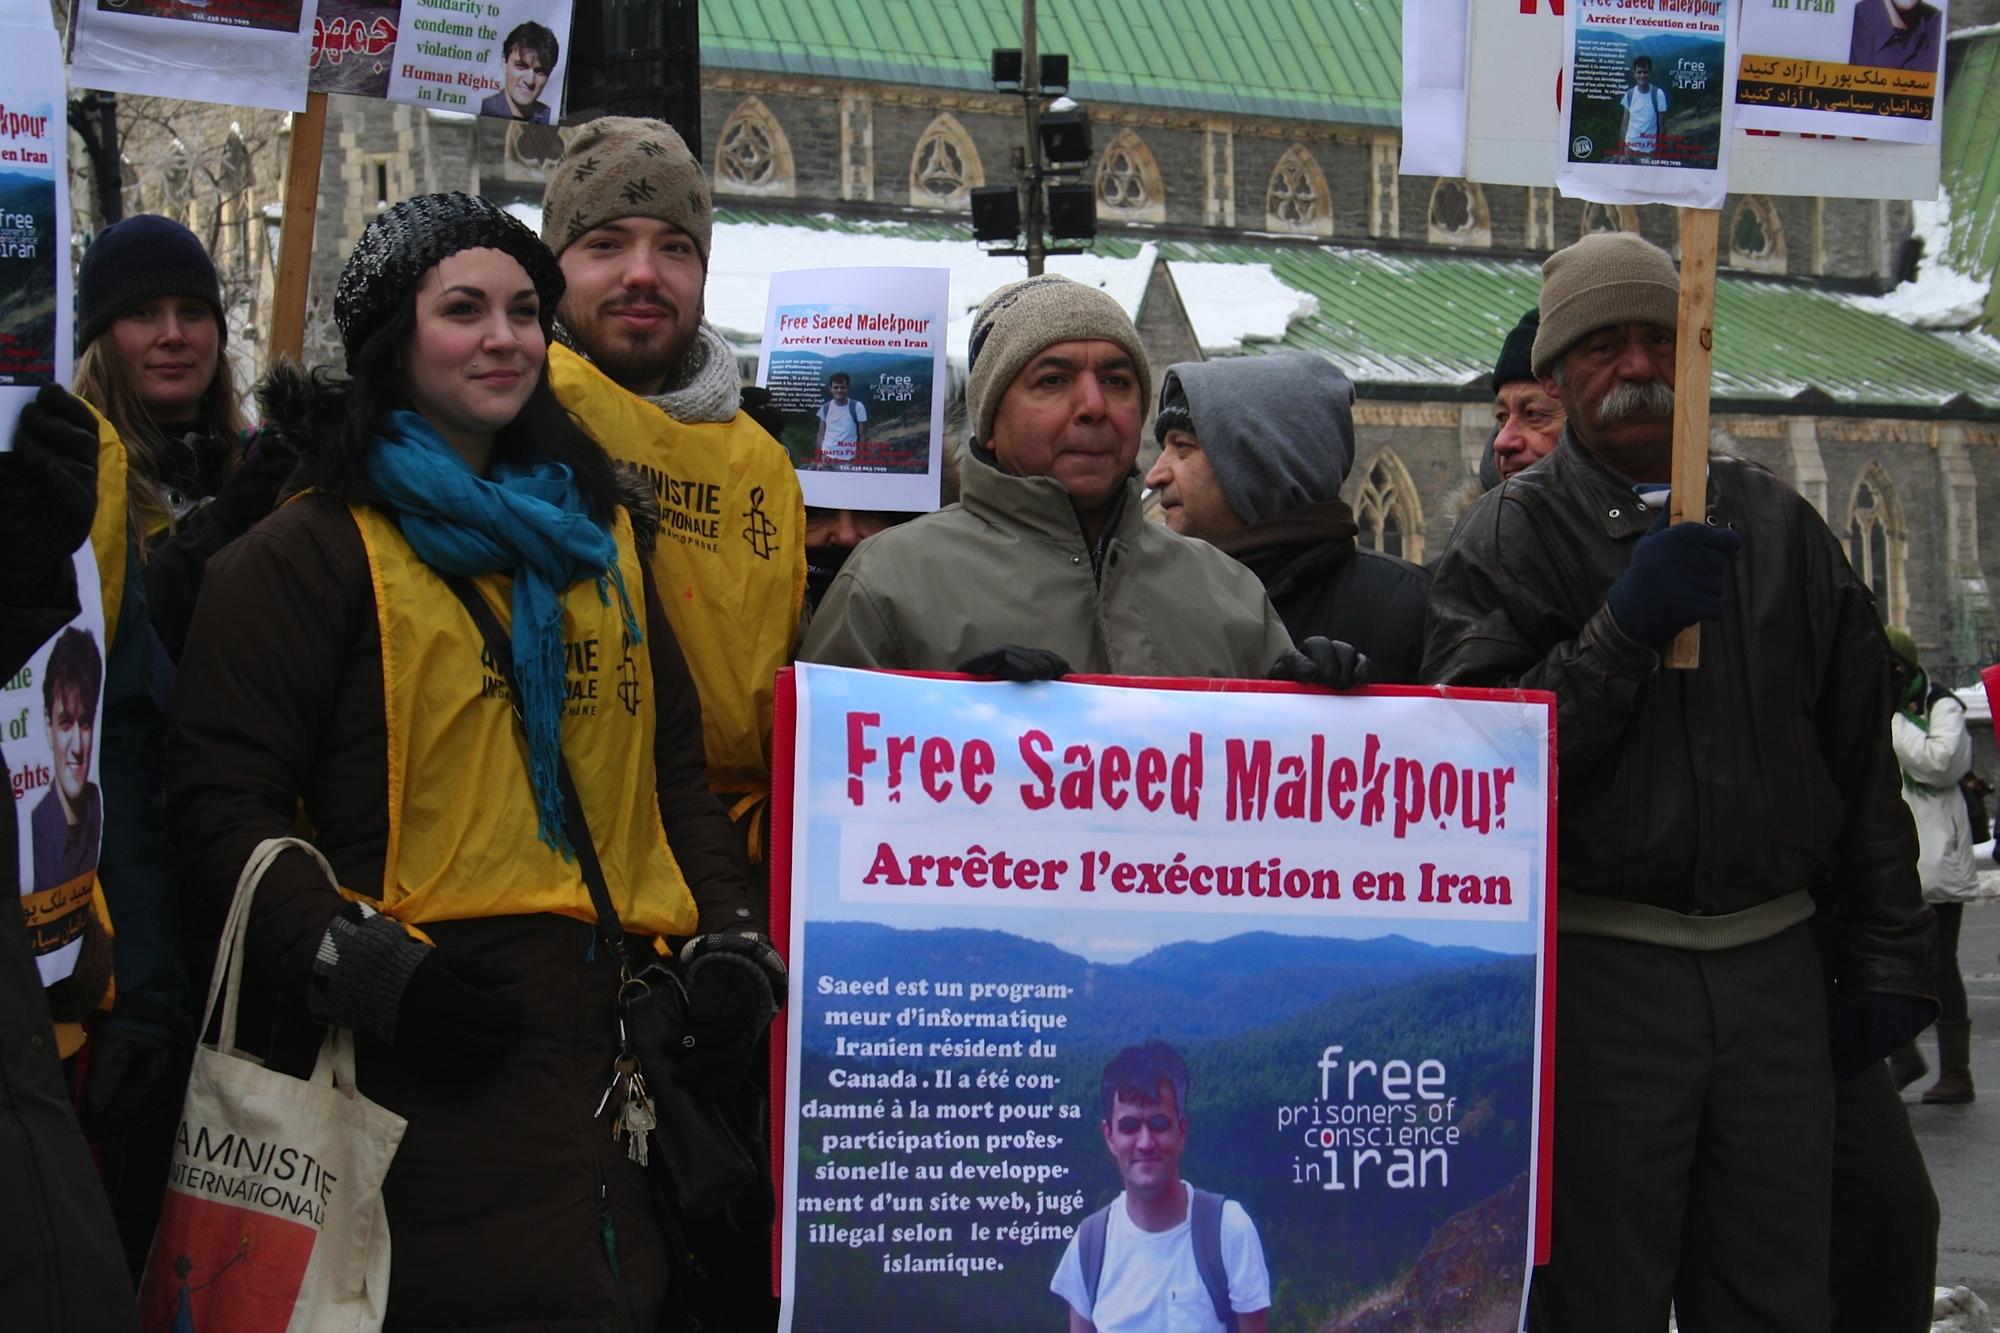 وقفة احتجاجية سابقة للمطالبة بإطلاق سراح سعيد مالكبور